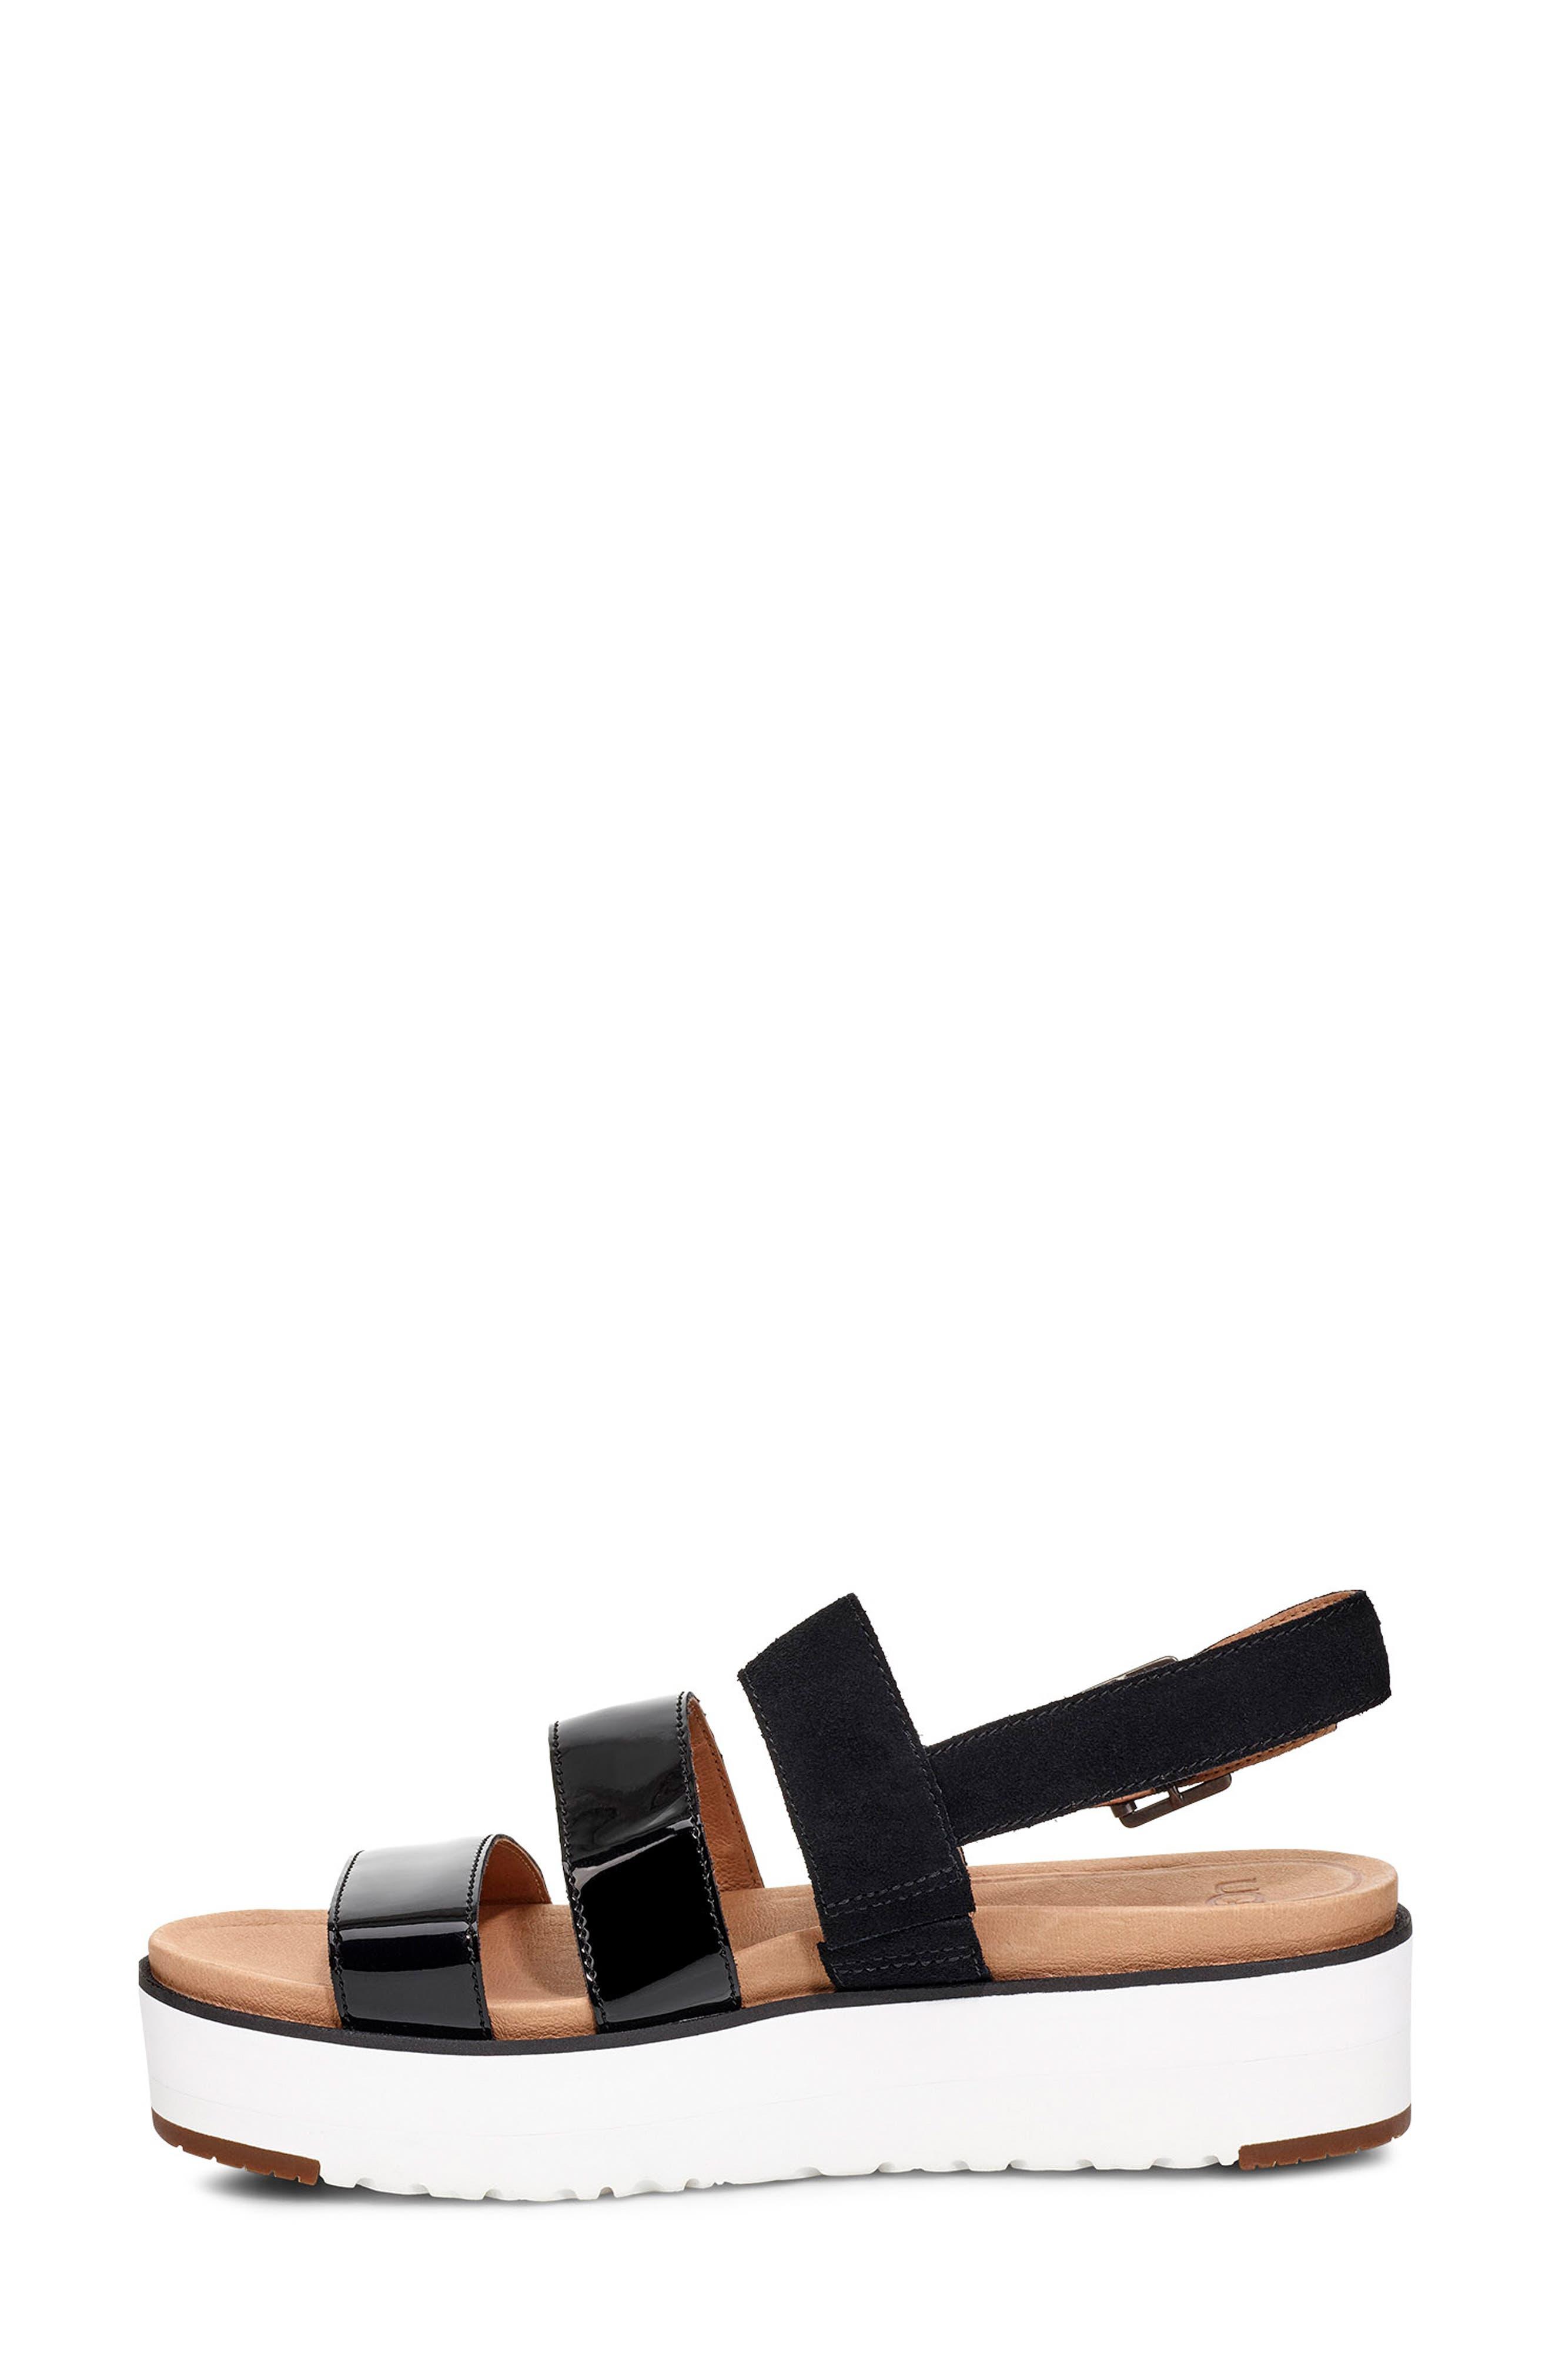 UGG<SUP>®</SUP>, Braelynn Flatform Sandal, Alternate thumbnail 6, color, BLACK LEATHER